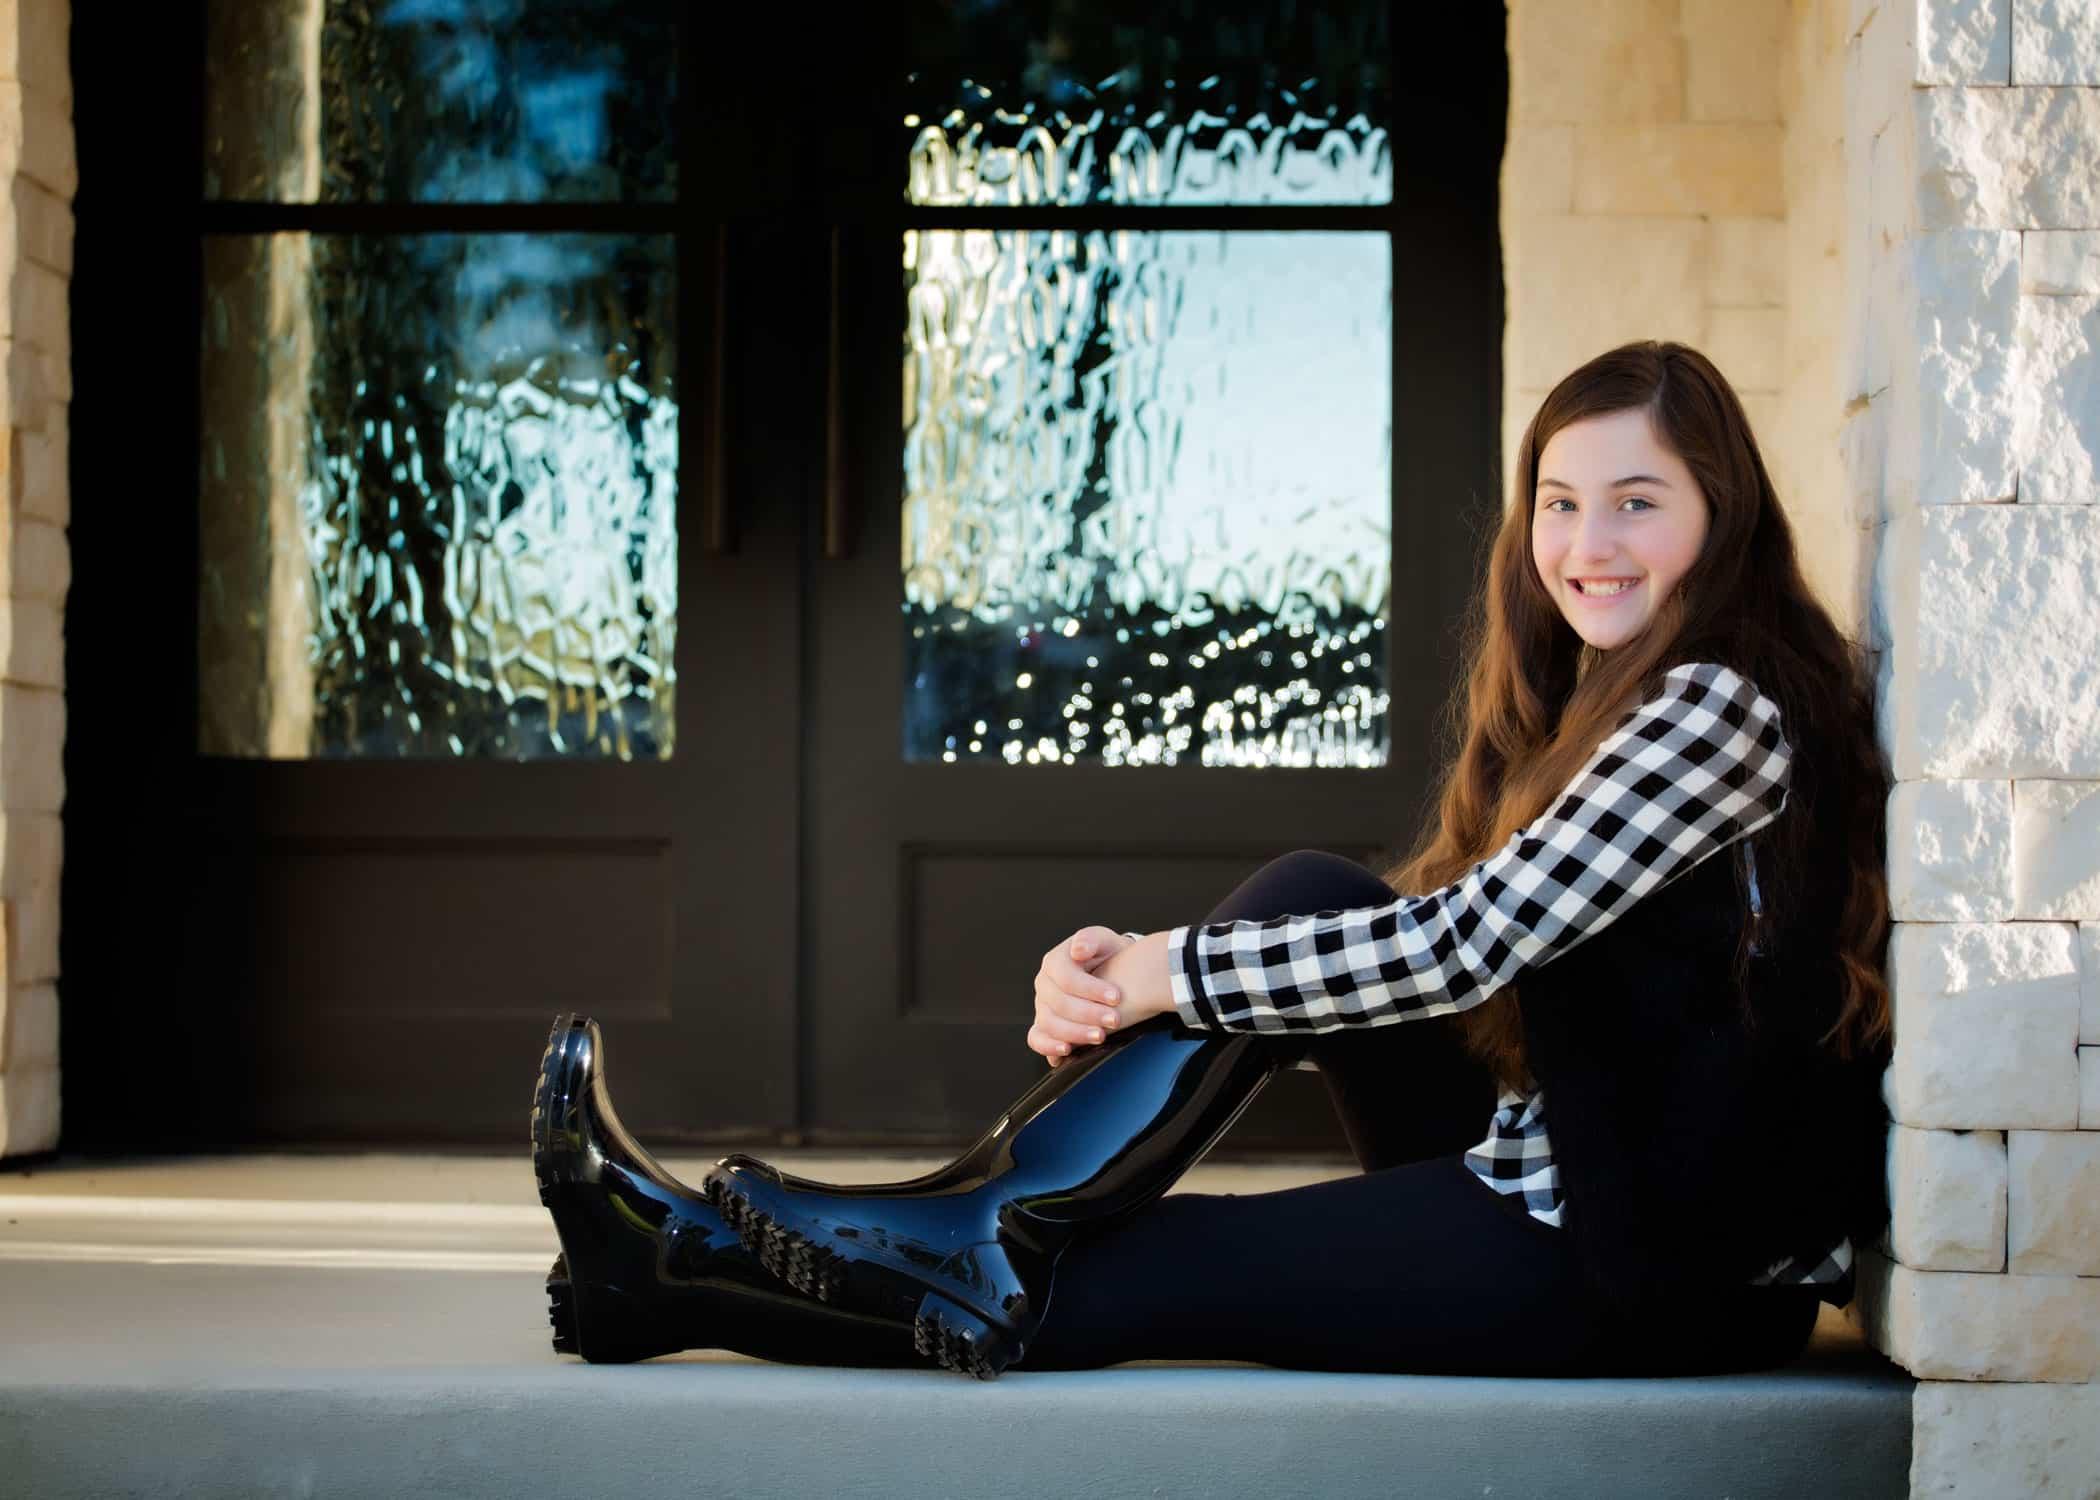 Child sitting in a doorway